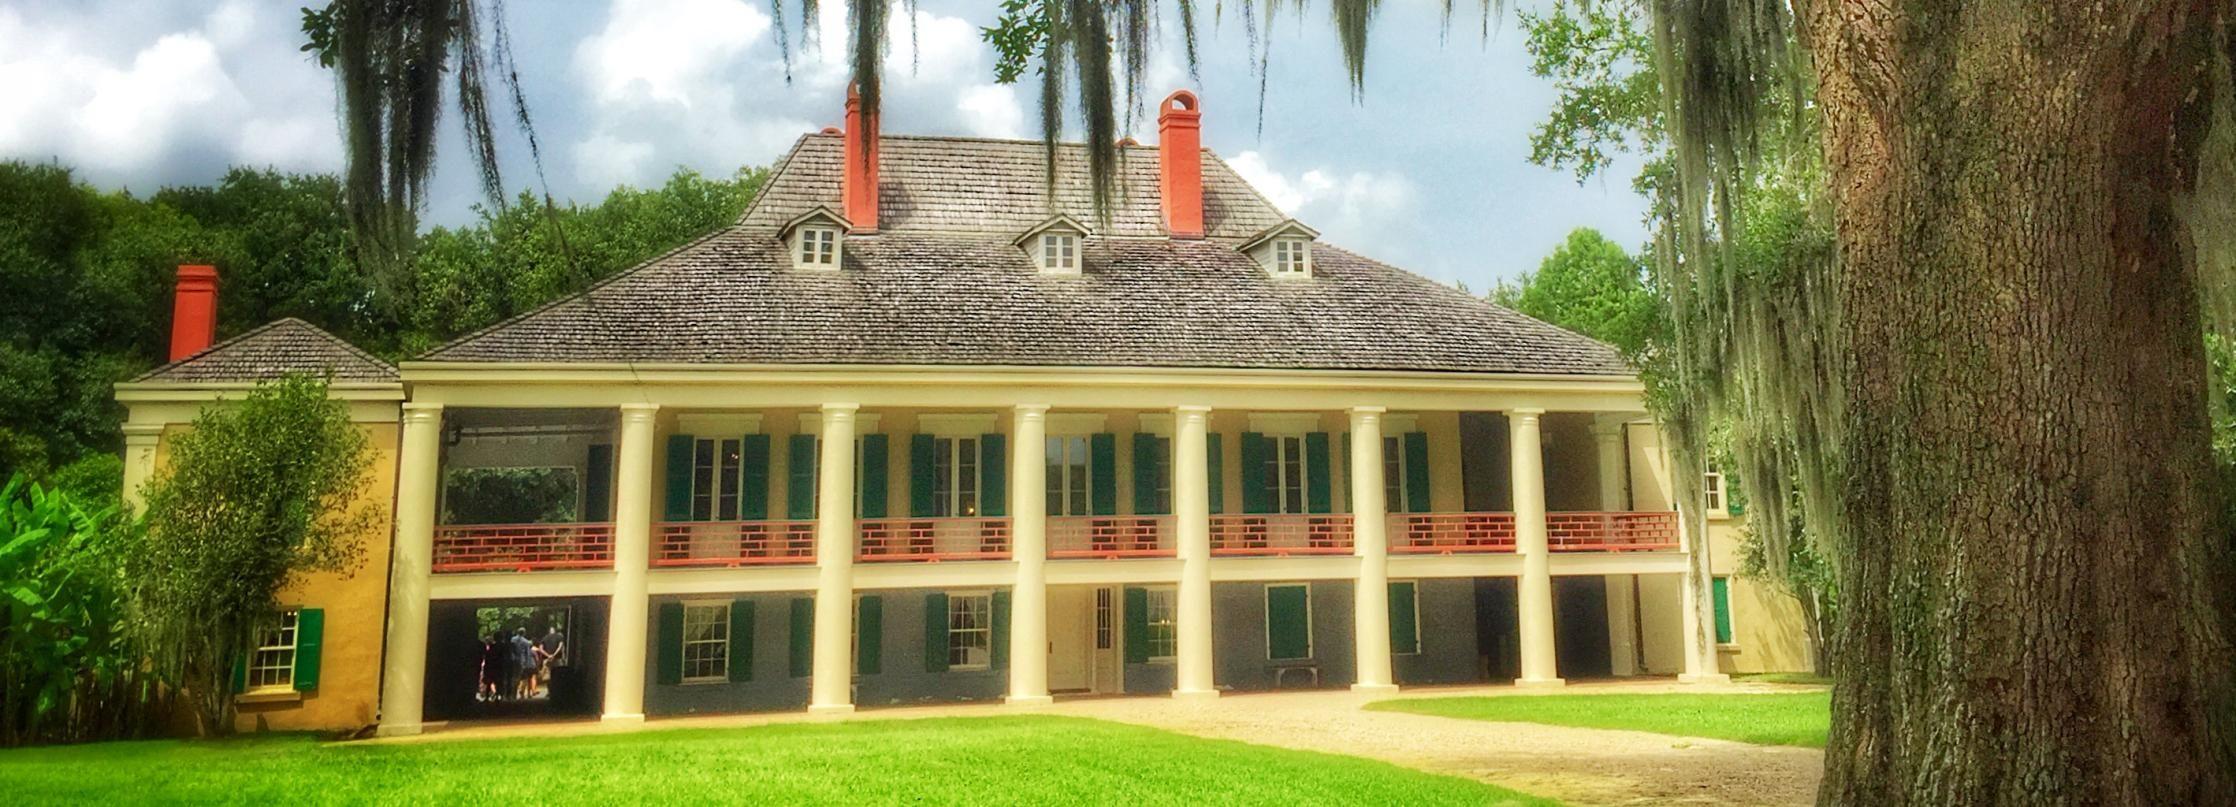 Nueva Orleans: recorrido por la plantación y el pantano de Destrehan